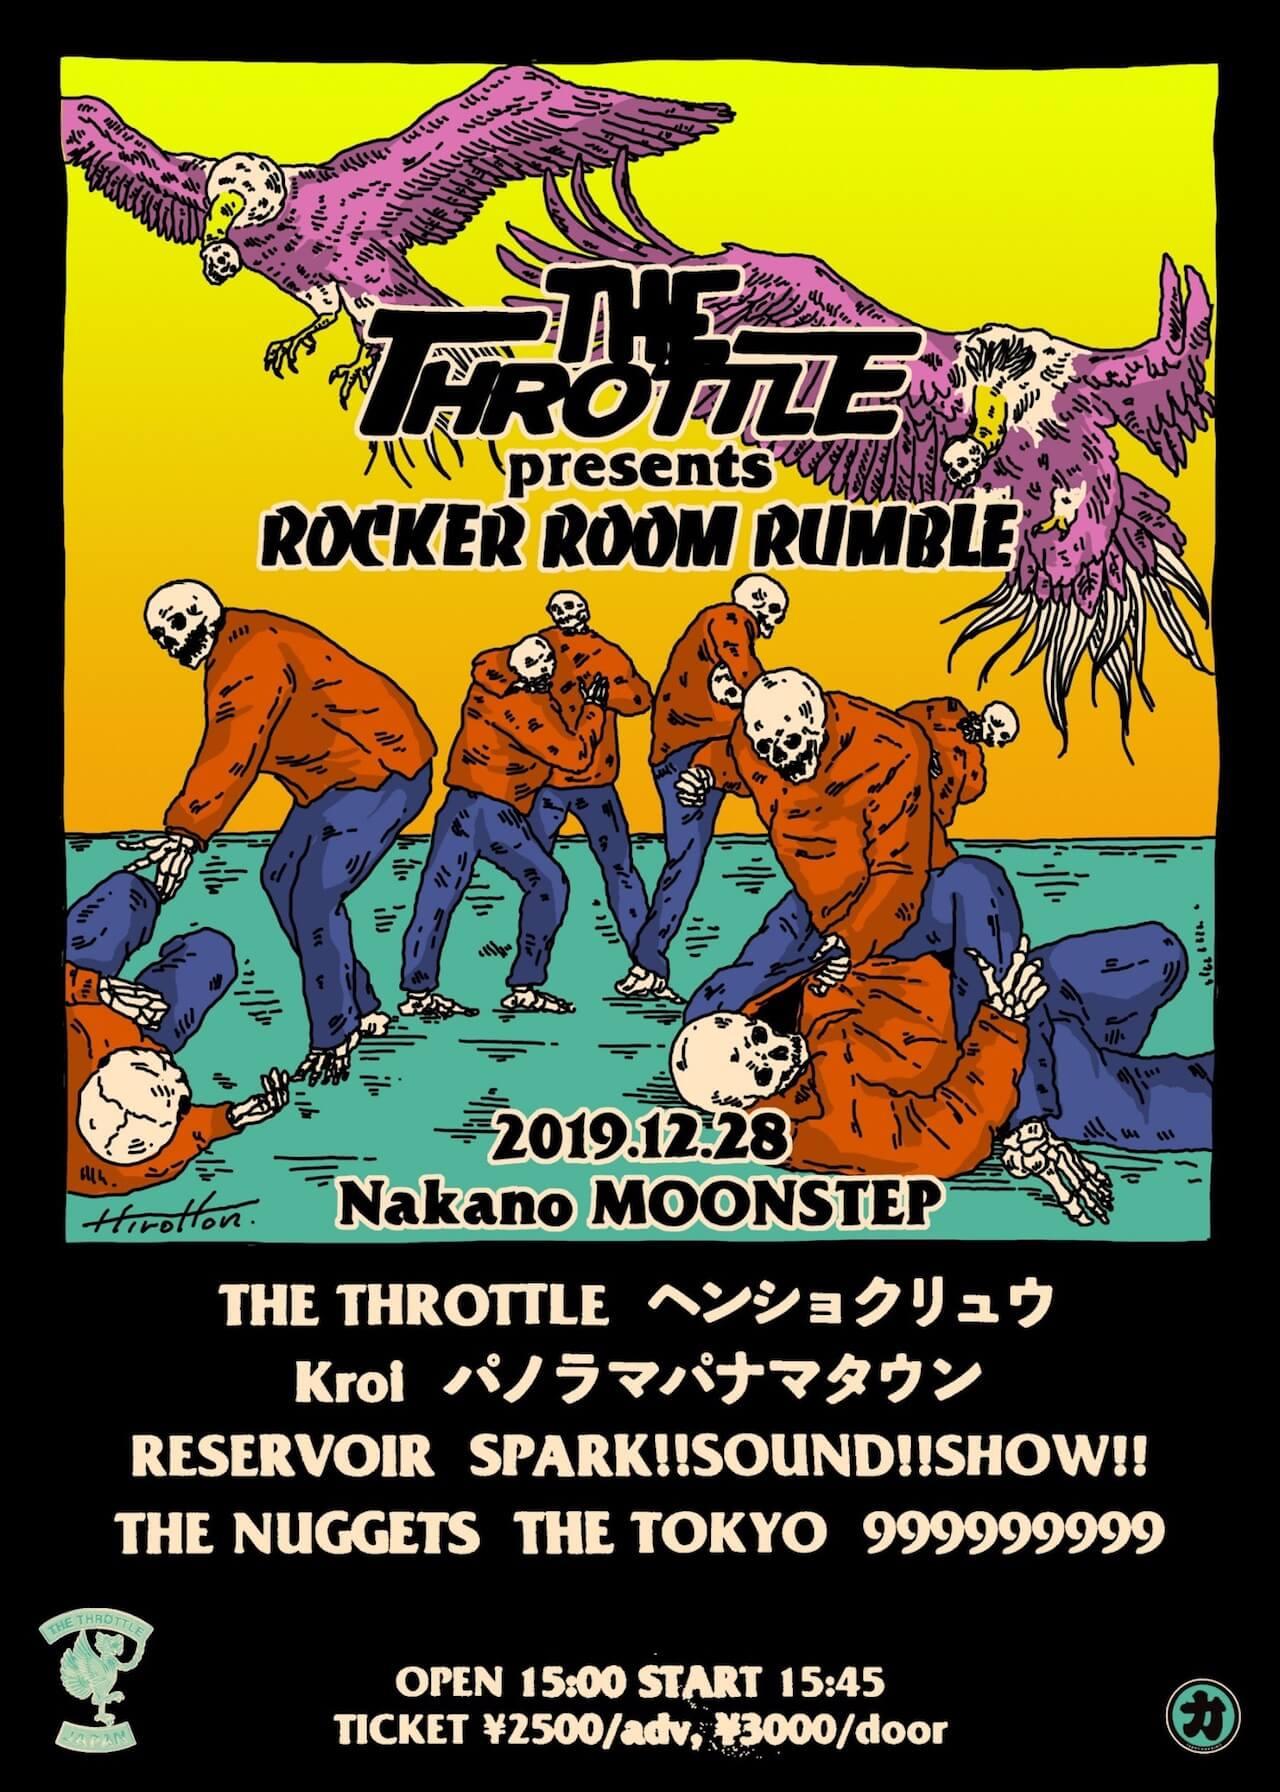 THE THROTTLEが年末に主催するランブルパーティー<ROCKER ROOM RUMBLE>の全貌が明らかに|<水曜日のスロットル>2020年キックオフはTHE TOKYOを招いて開催 music191216-thethrottle-1